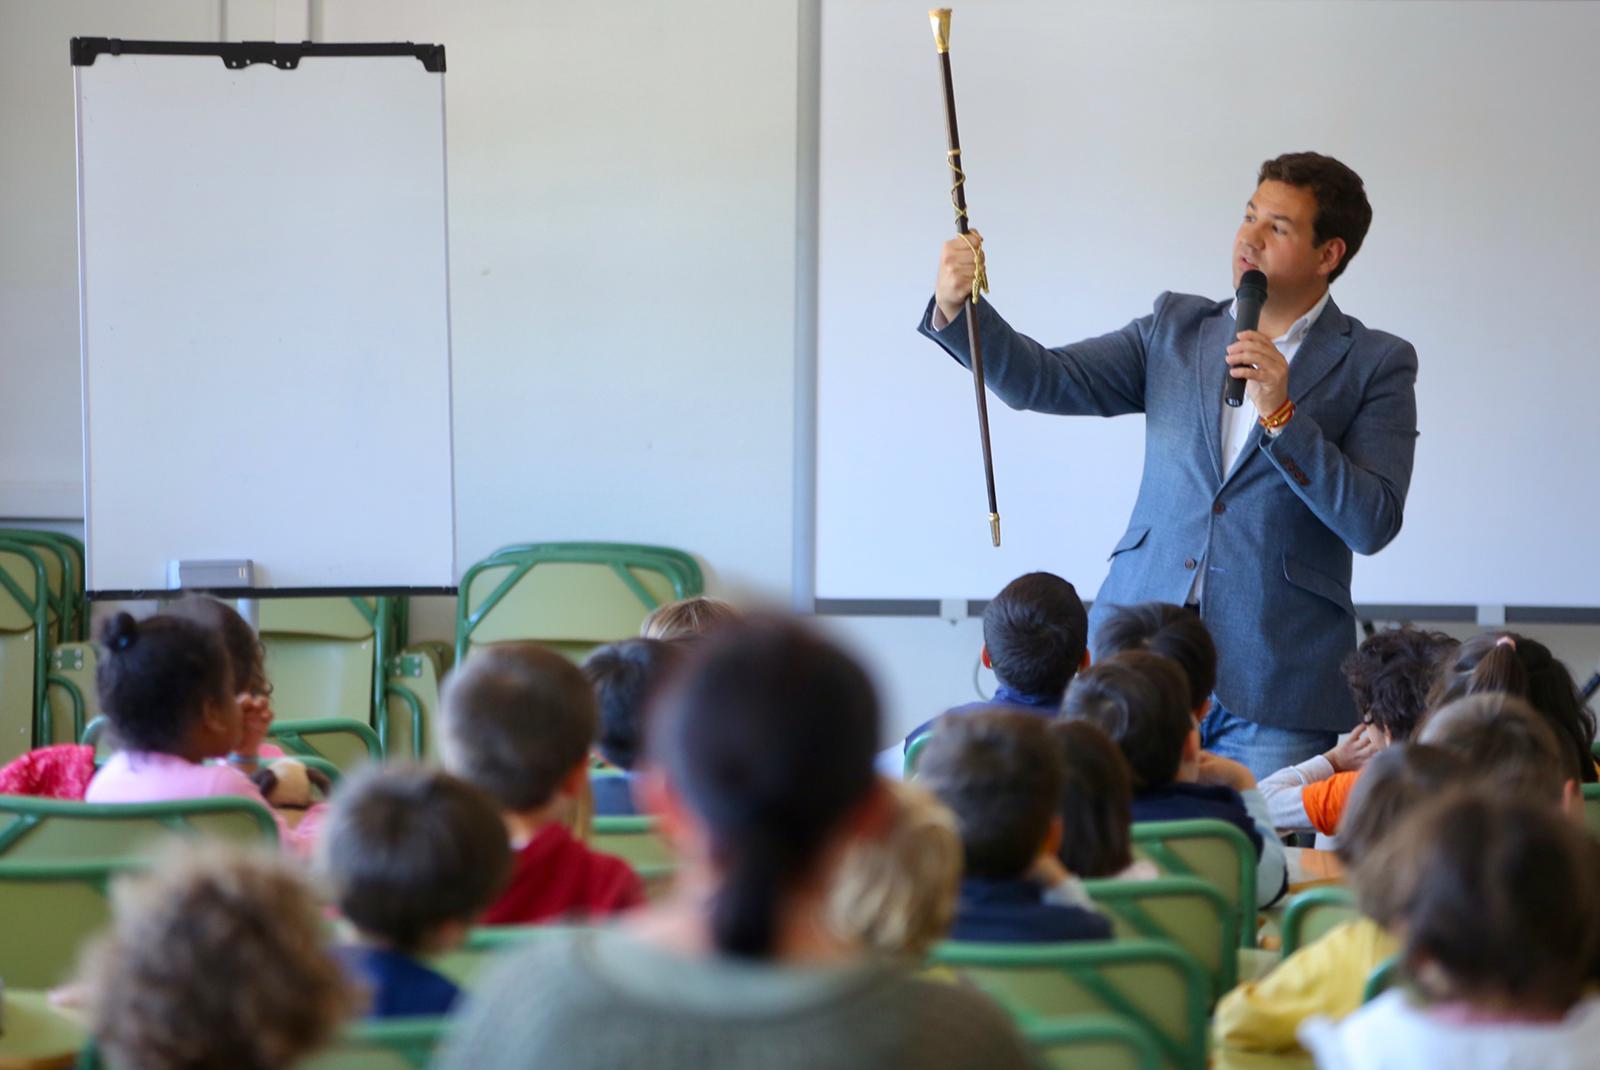 2019_03_26_El alcalde visita a Infantil 5 años_CEIP FDLR_Las Rozas